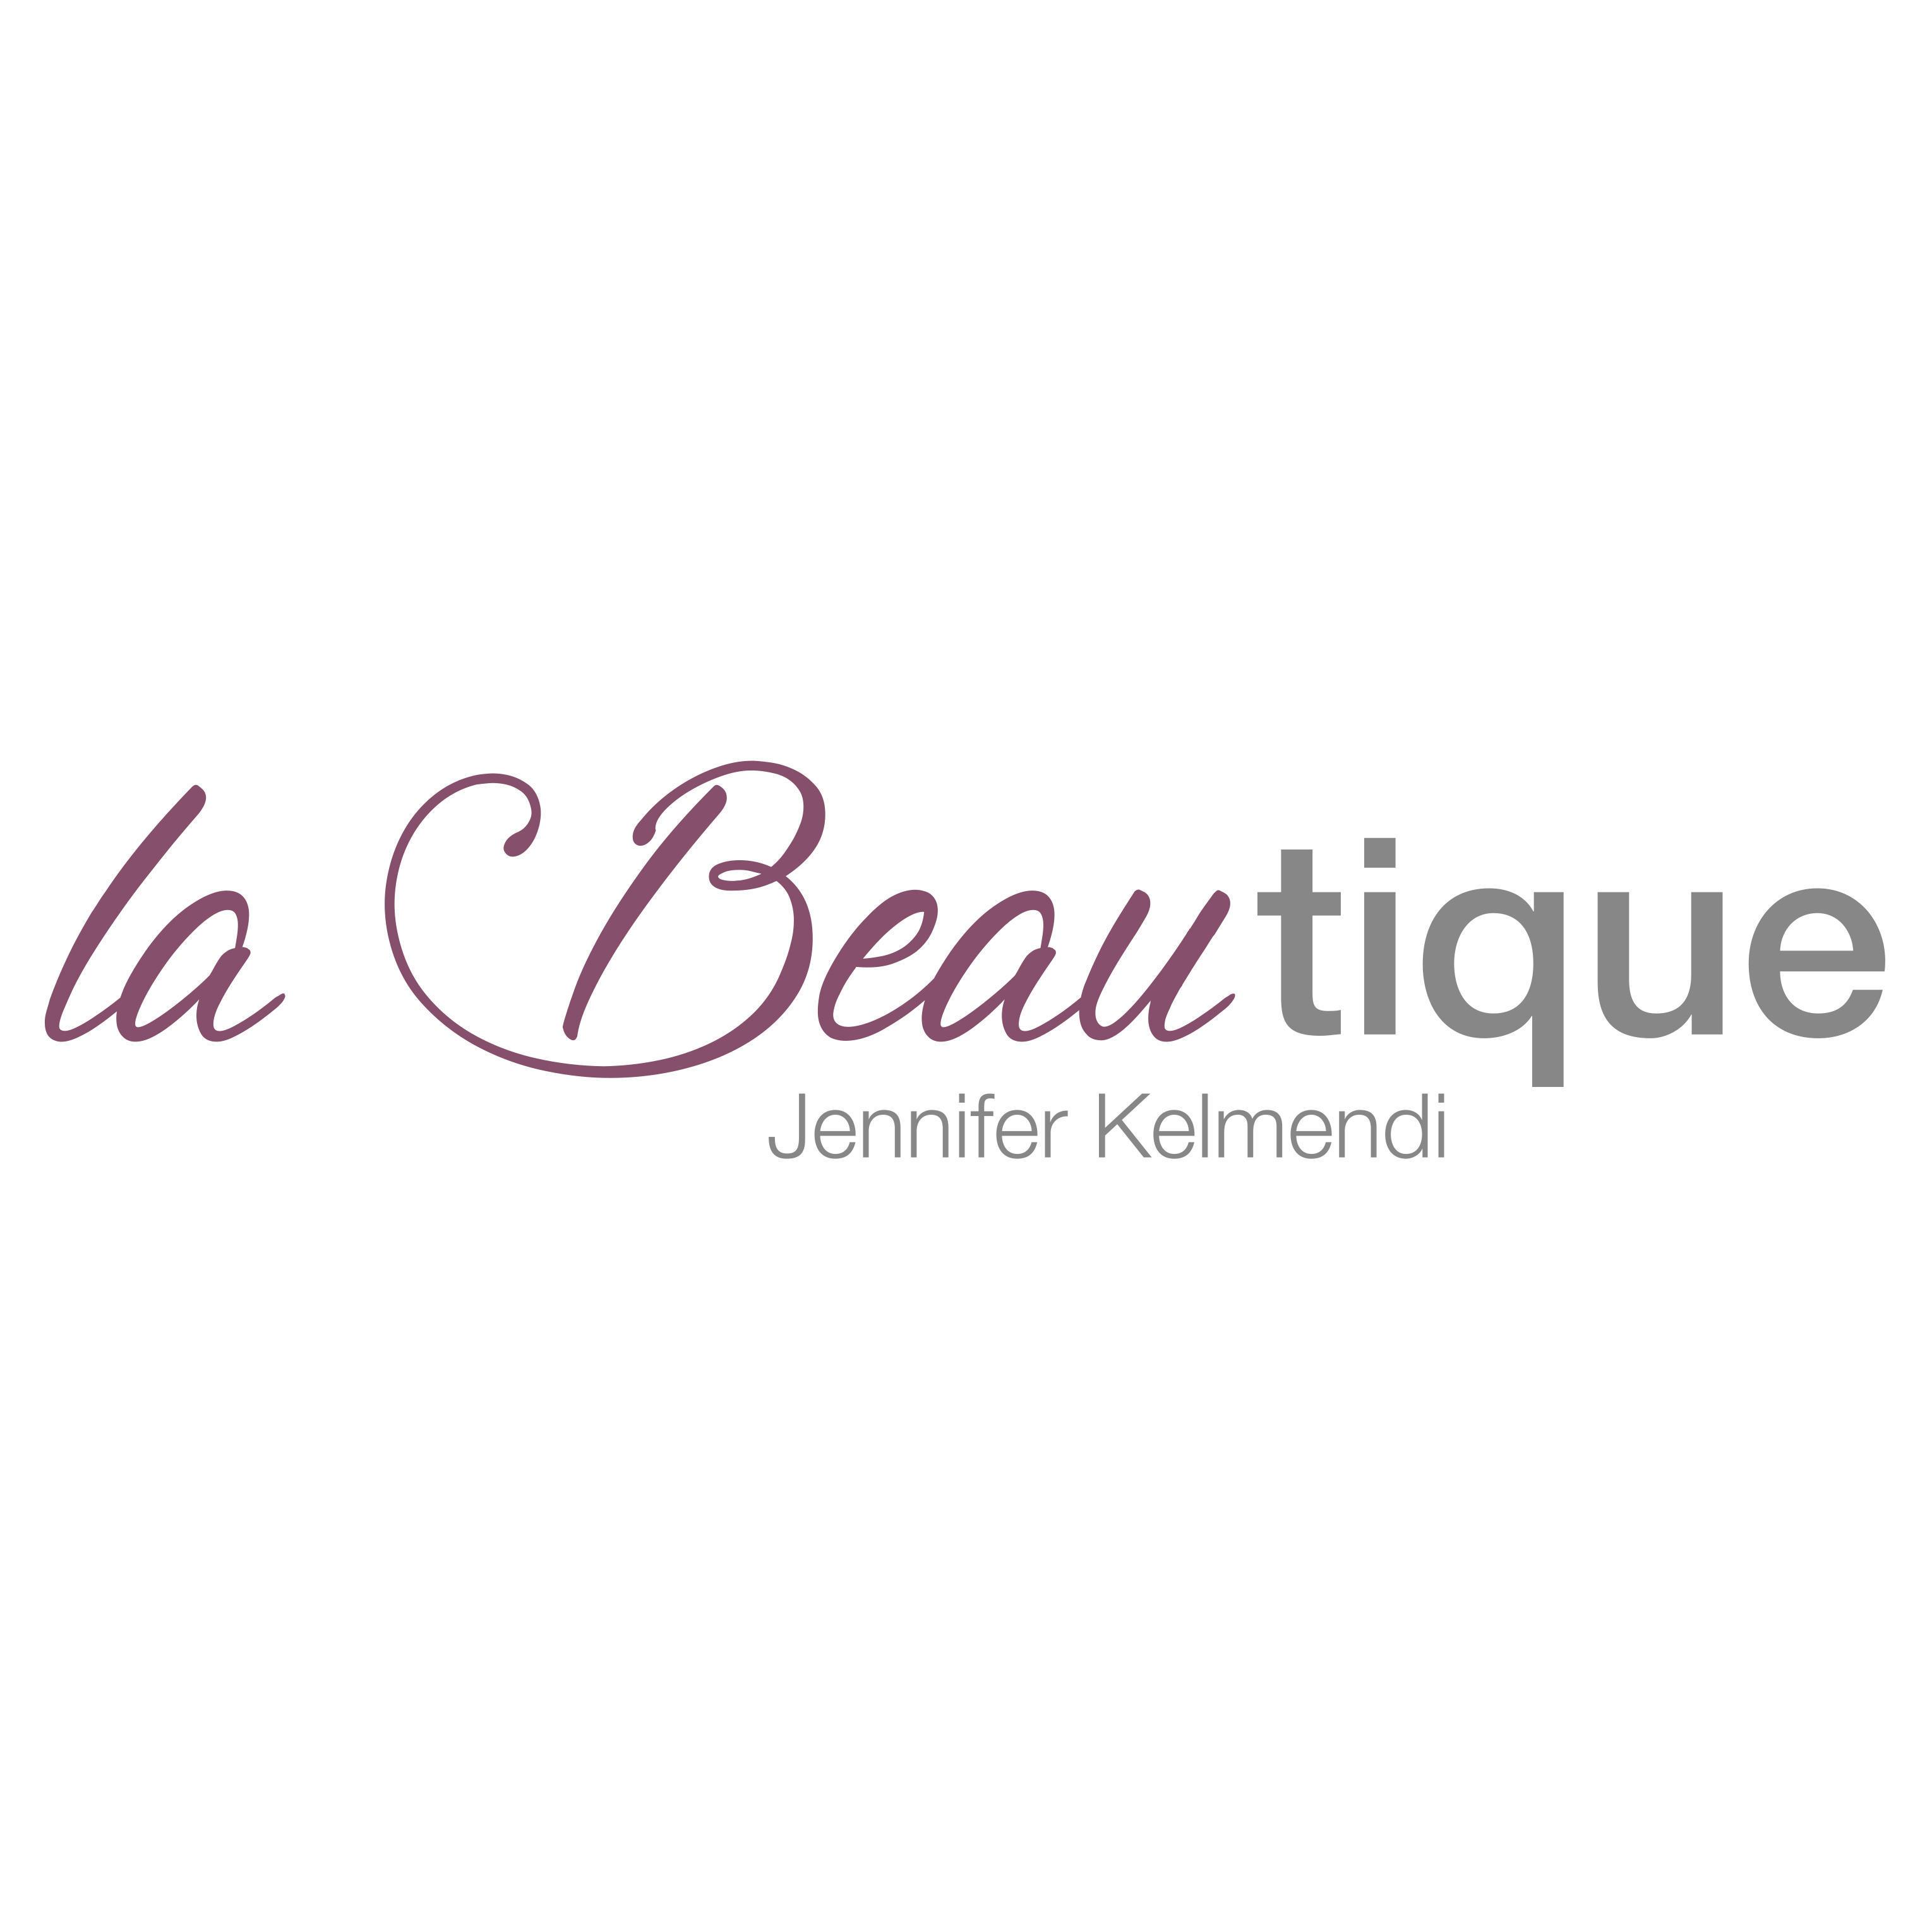 Logo von Jennifer Kelmendi